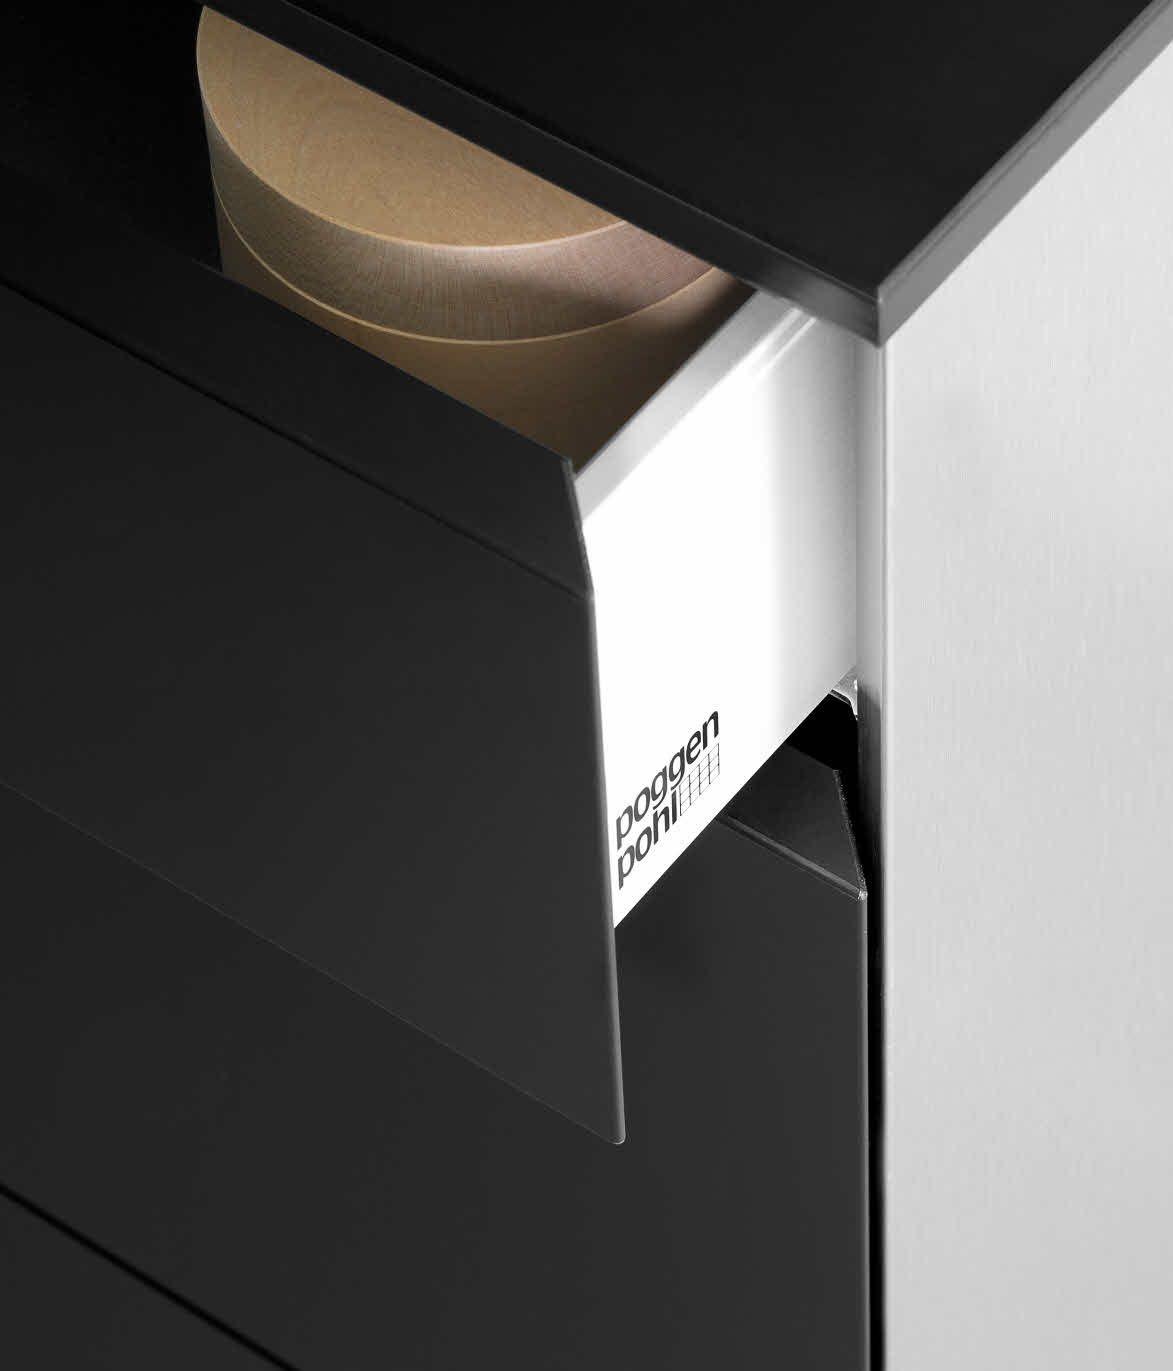 Poggenpohl P 7350 Design By Porsche Design Studio Detailansicht Auszug Gehrung Porsche Design Design Innovation Design